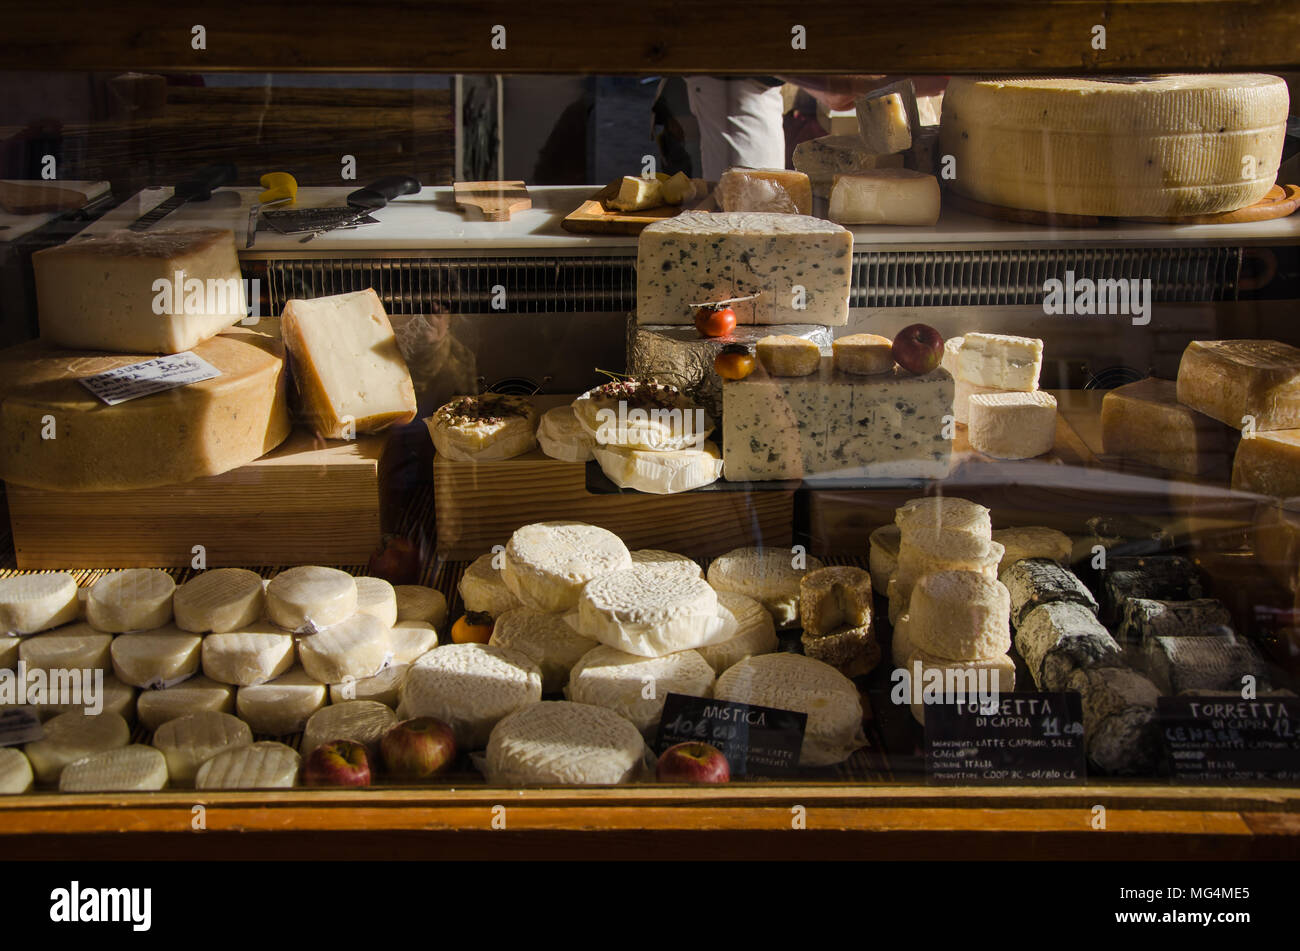 Formaggio italiano venga venduto ad un cibo di stallo del carrello a Roma a Campo de Fiori mercato all'aperto Immagini Stock